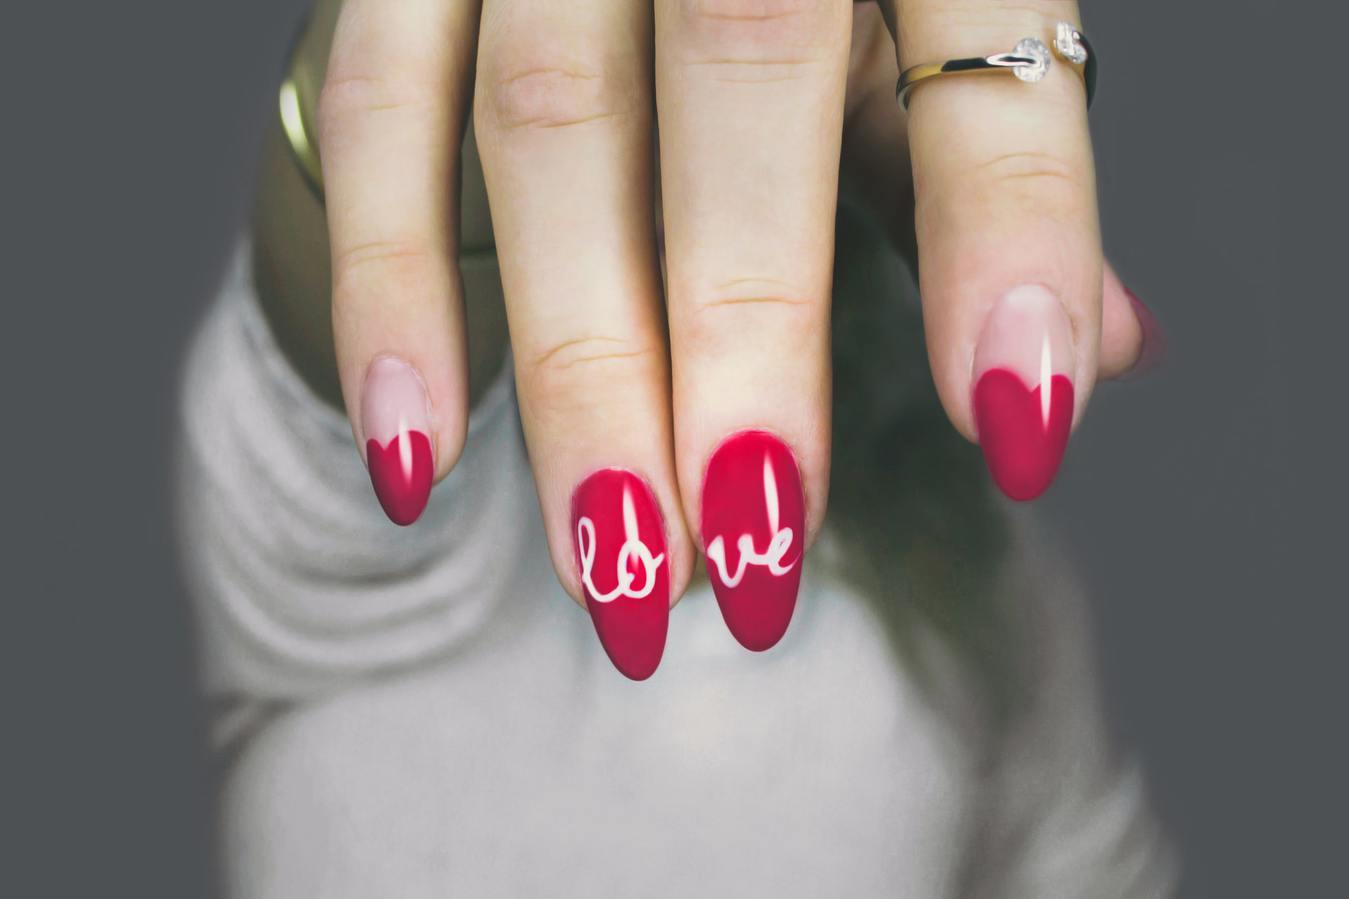 Paznokcie pomalowane na czerwono, z napisem Love